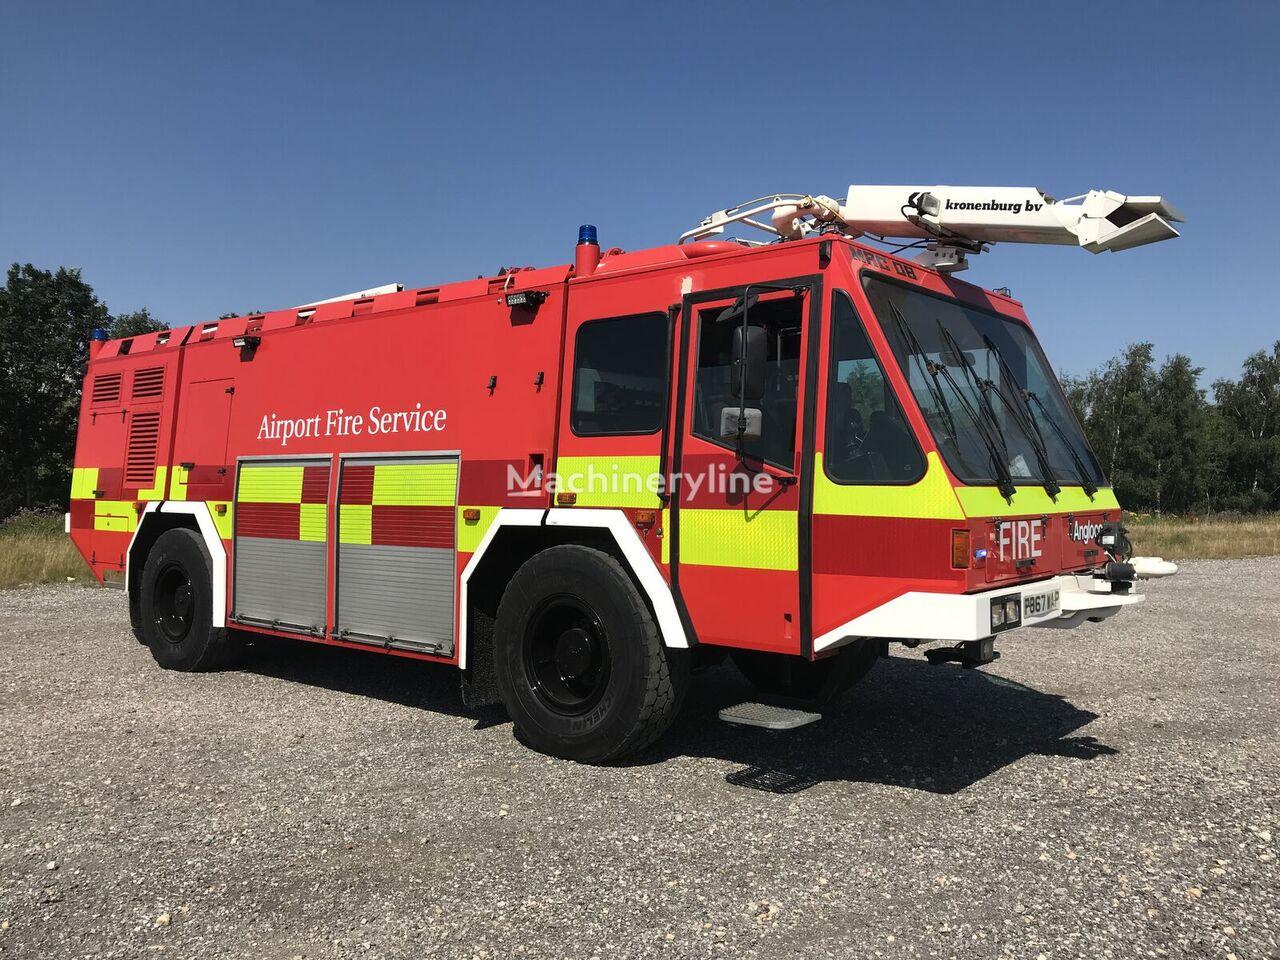 KRONENBURG MAC8 airport fire truck